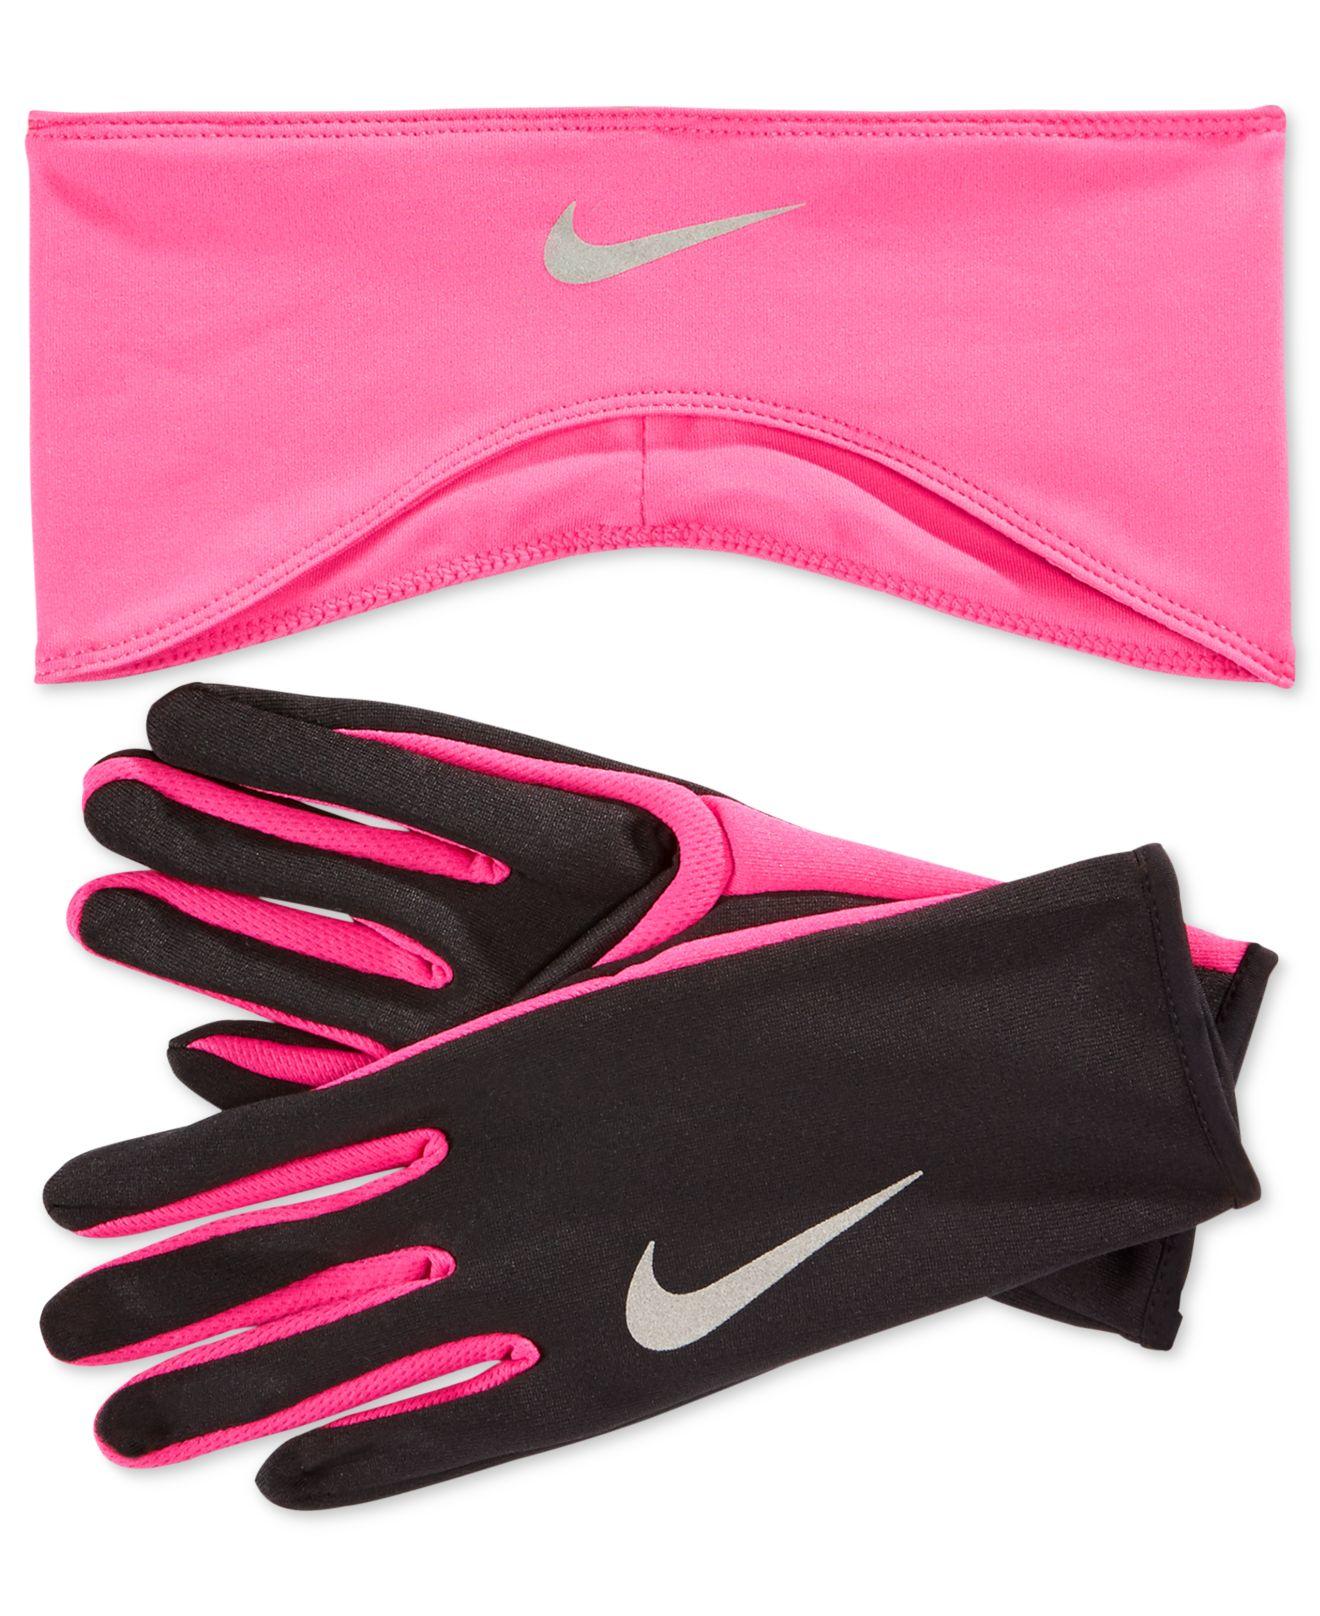 Lyst - Nike Dri-fit Headband   Running Gloves Set in Black 337fd4b3cd5